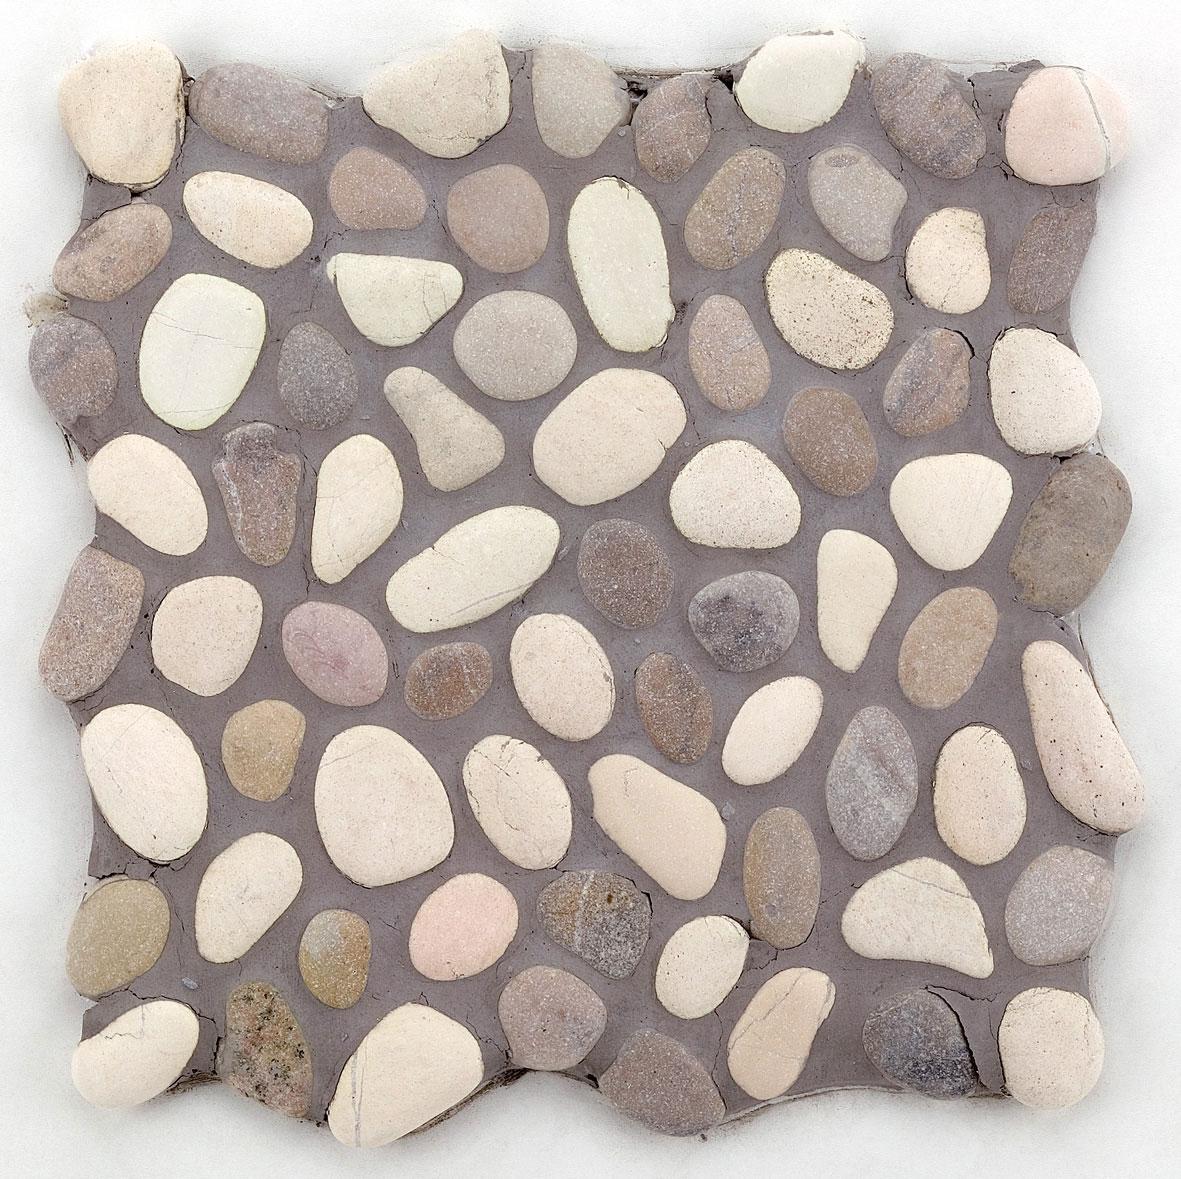 Das Mosaik verfügt über verschiedene Qualitätsmerkmale